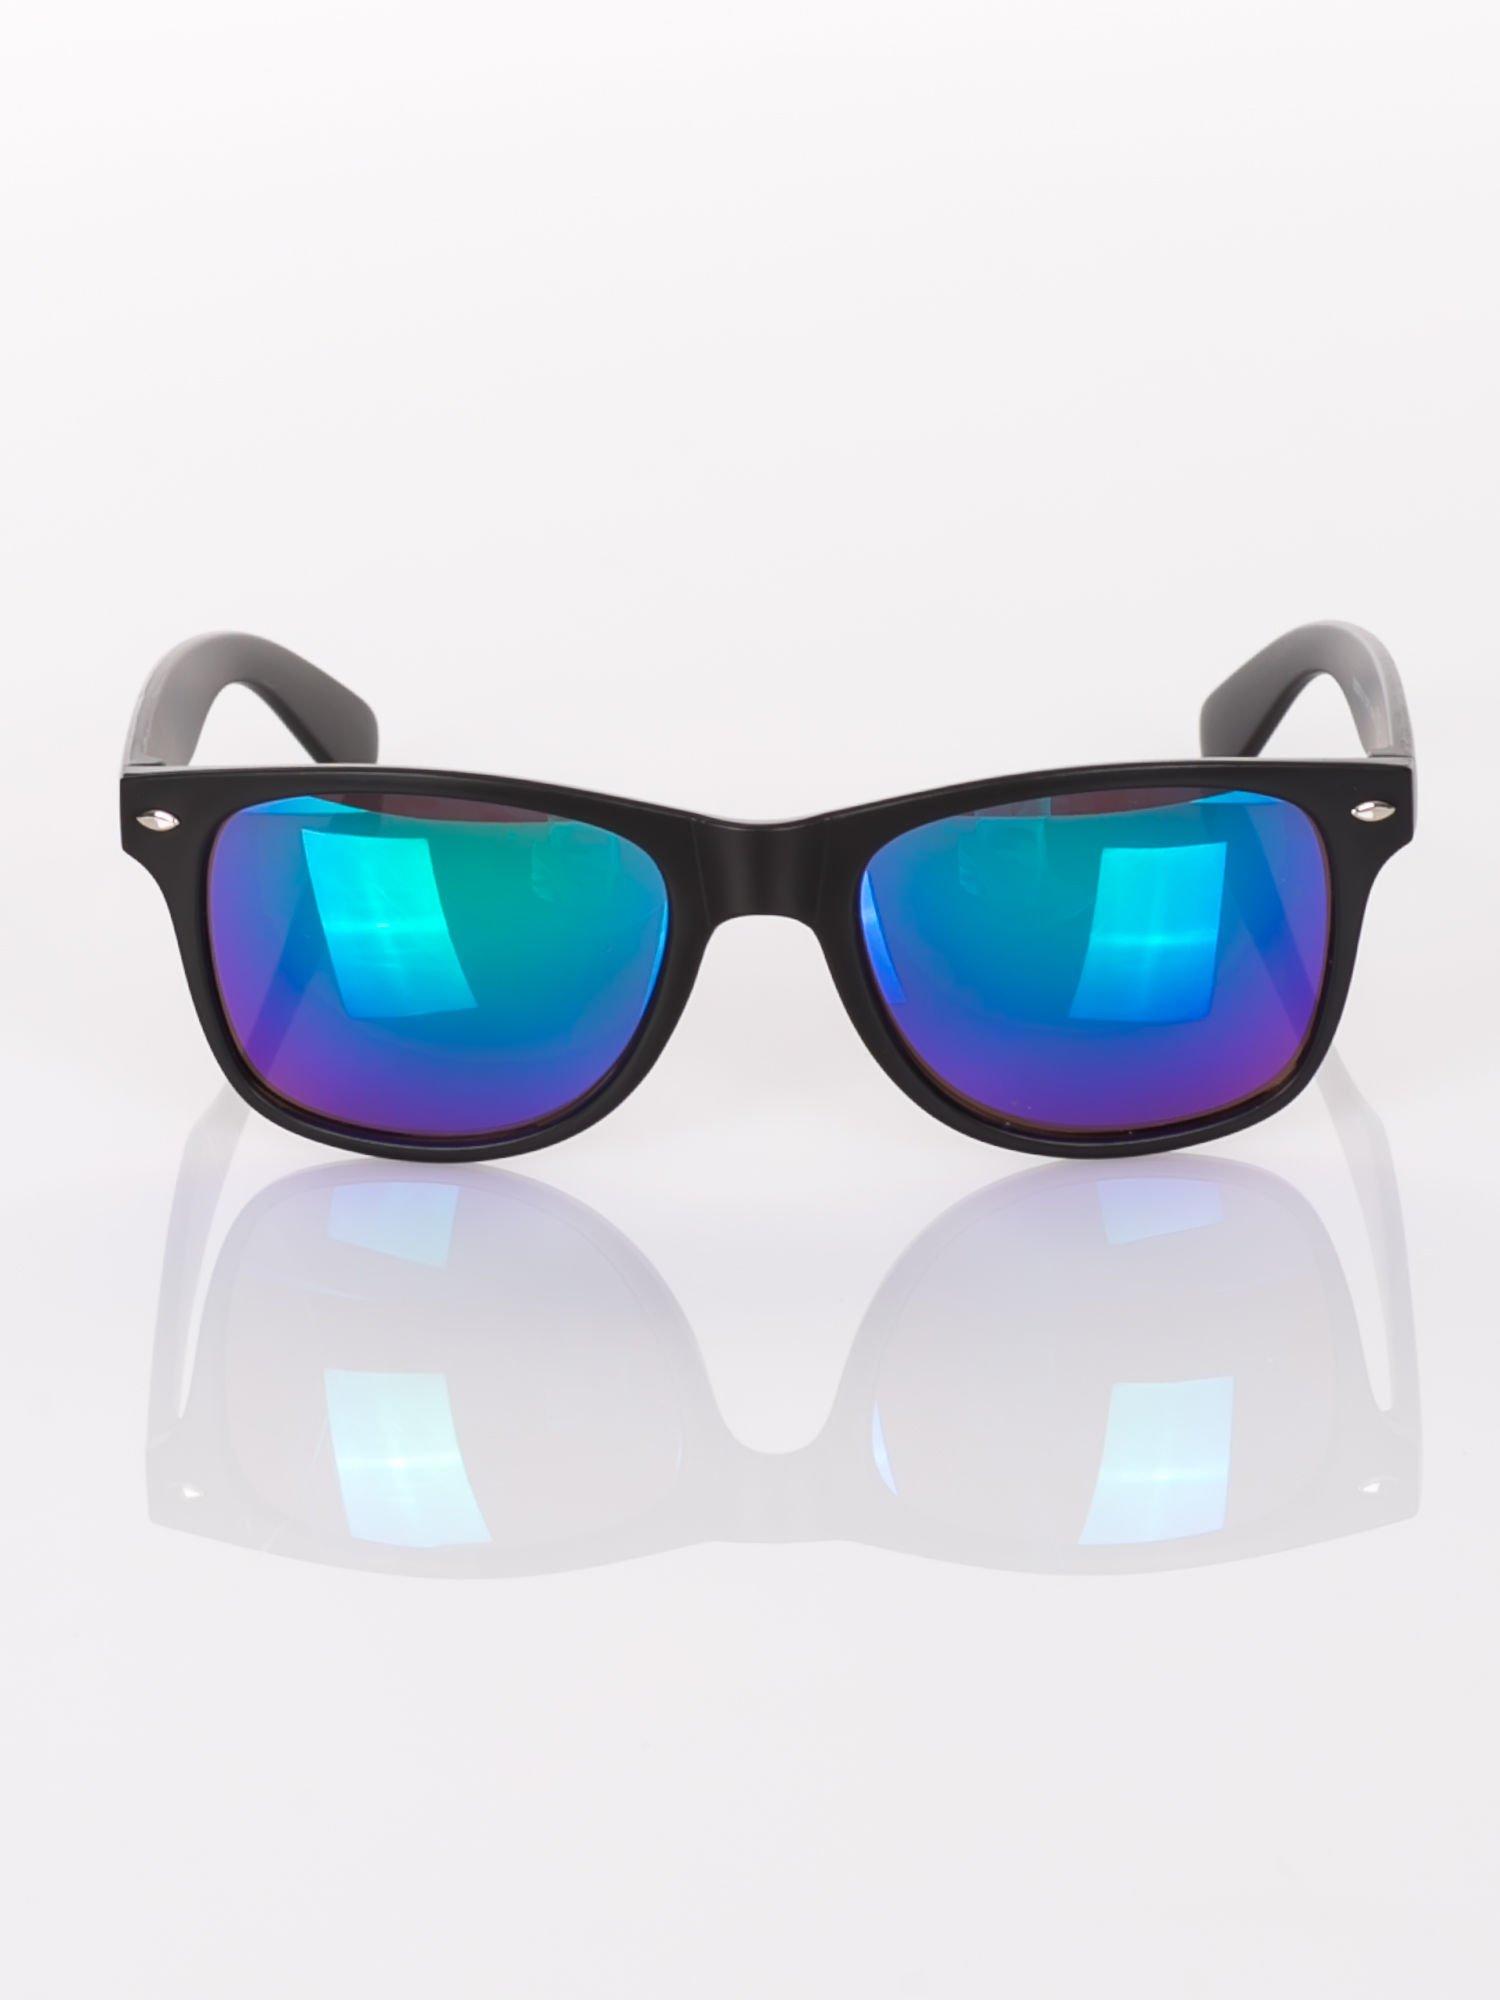 b78ef113db59b1 Klasyczne czarne okulary przeciwsłoneczne WAYFARER lustrzanki niebiesko- zielone ...